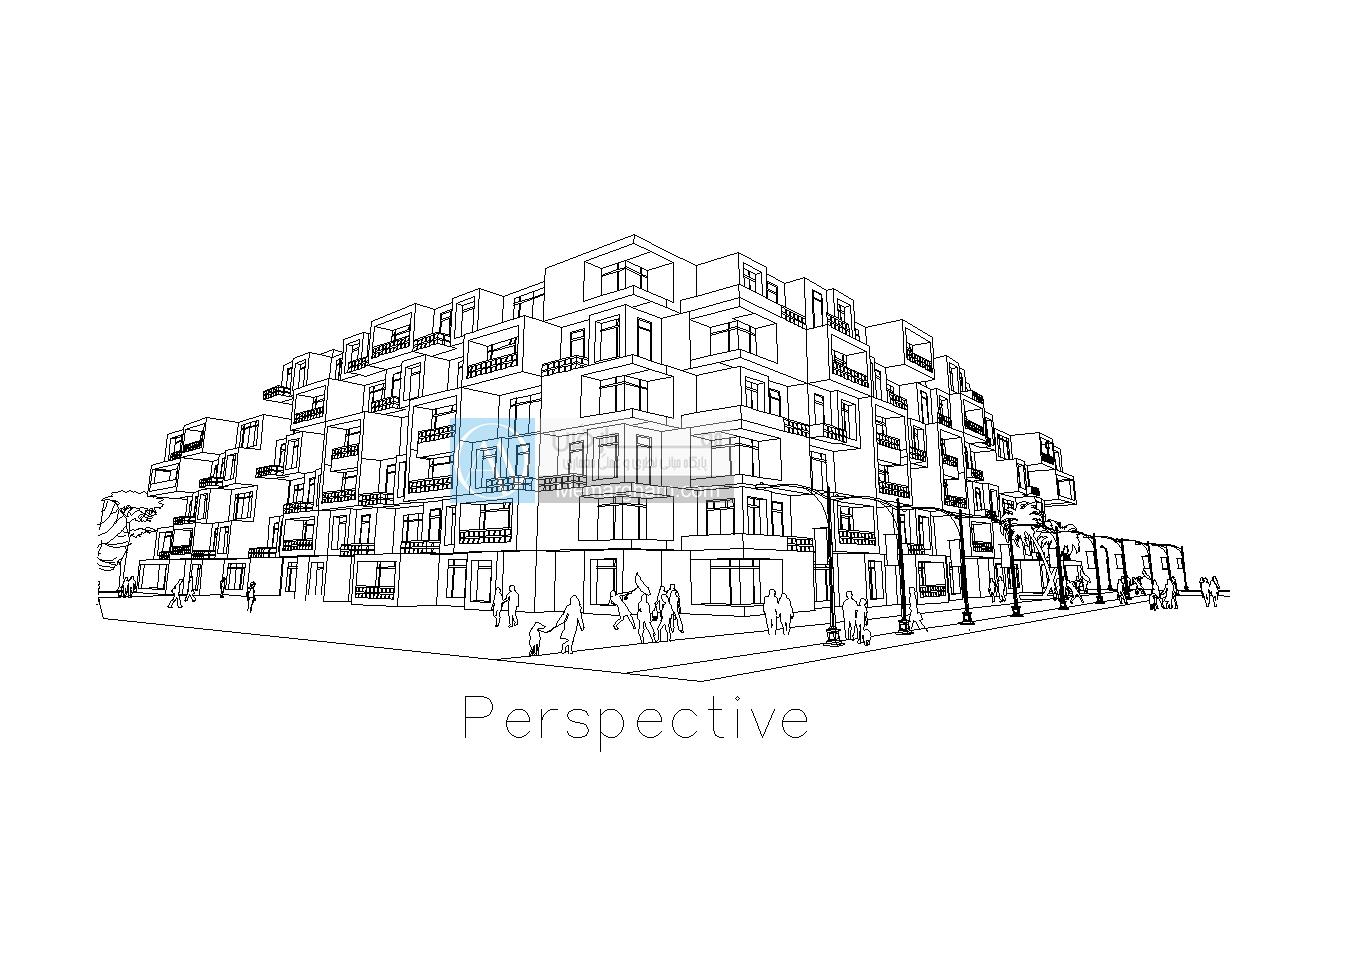 دانلود رایگان پروژه معماری مجتمع مسکونی